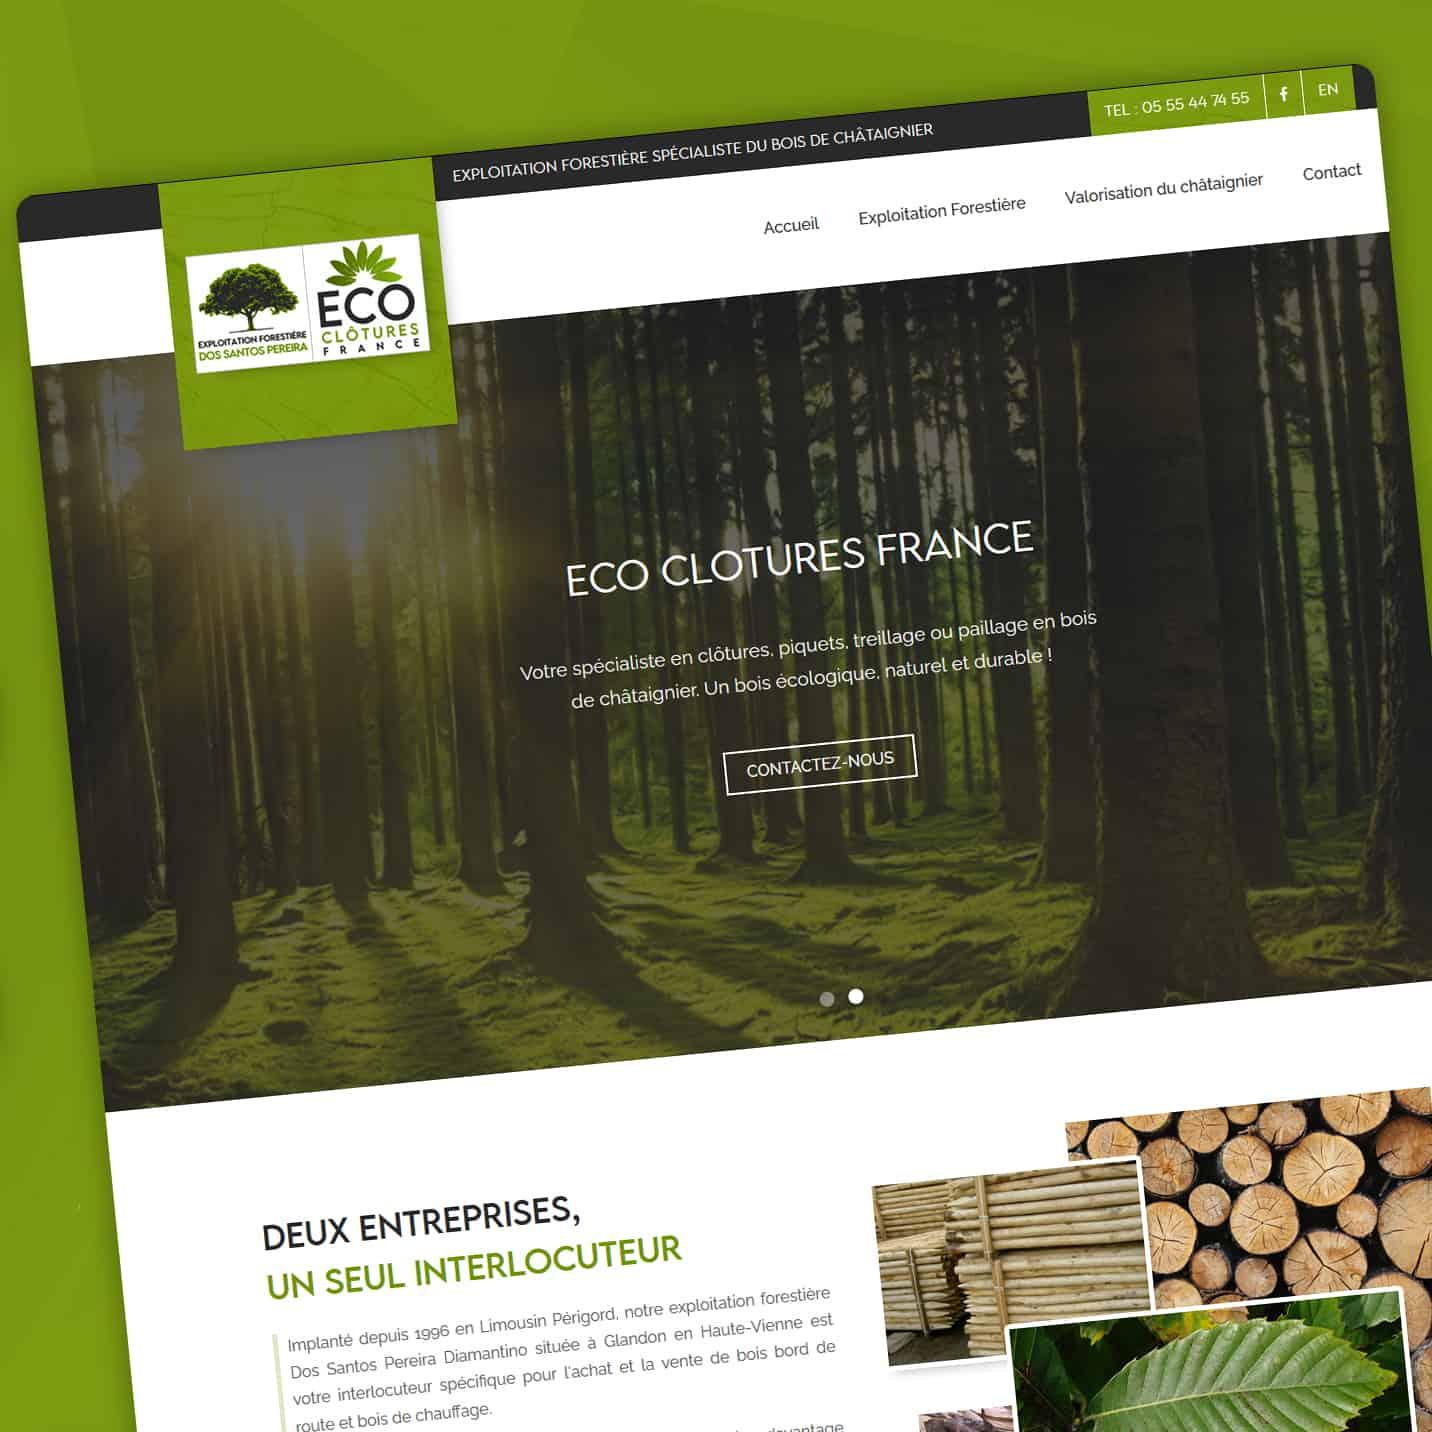 Ecoboischataignier.com